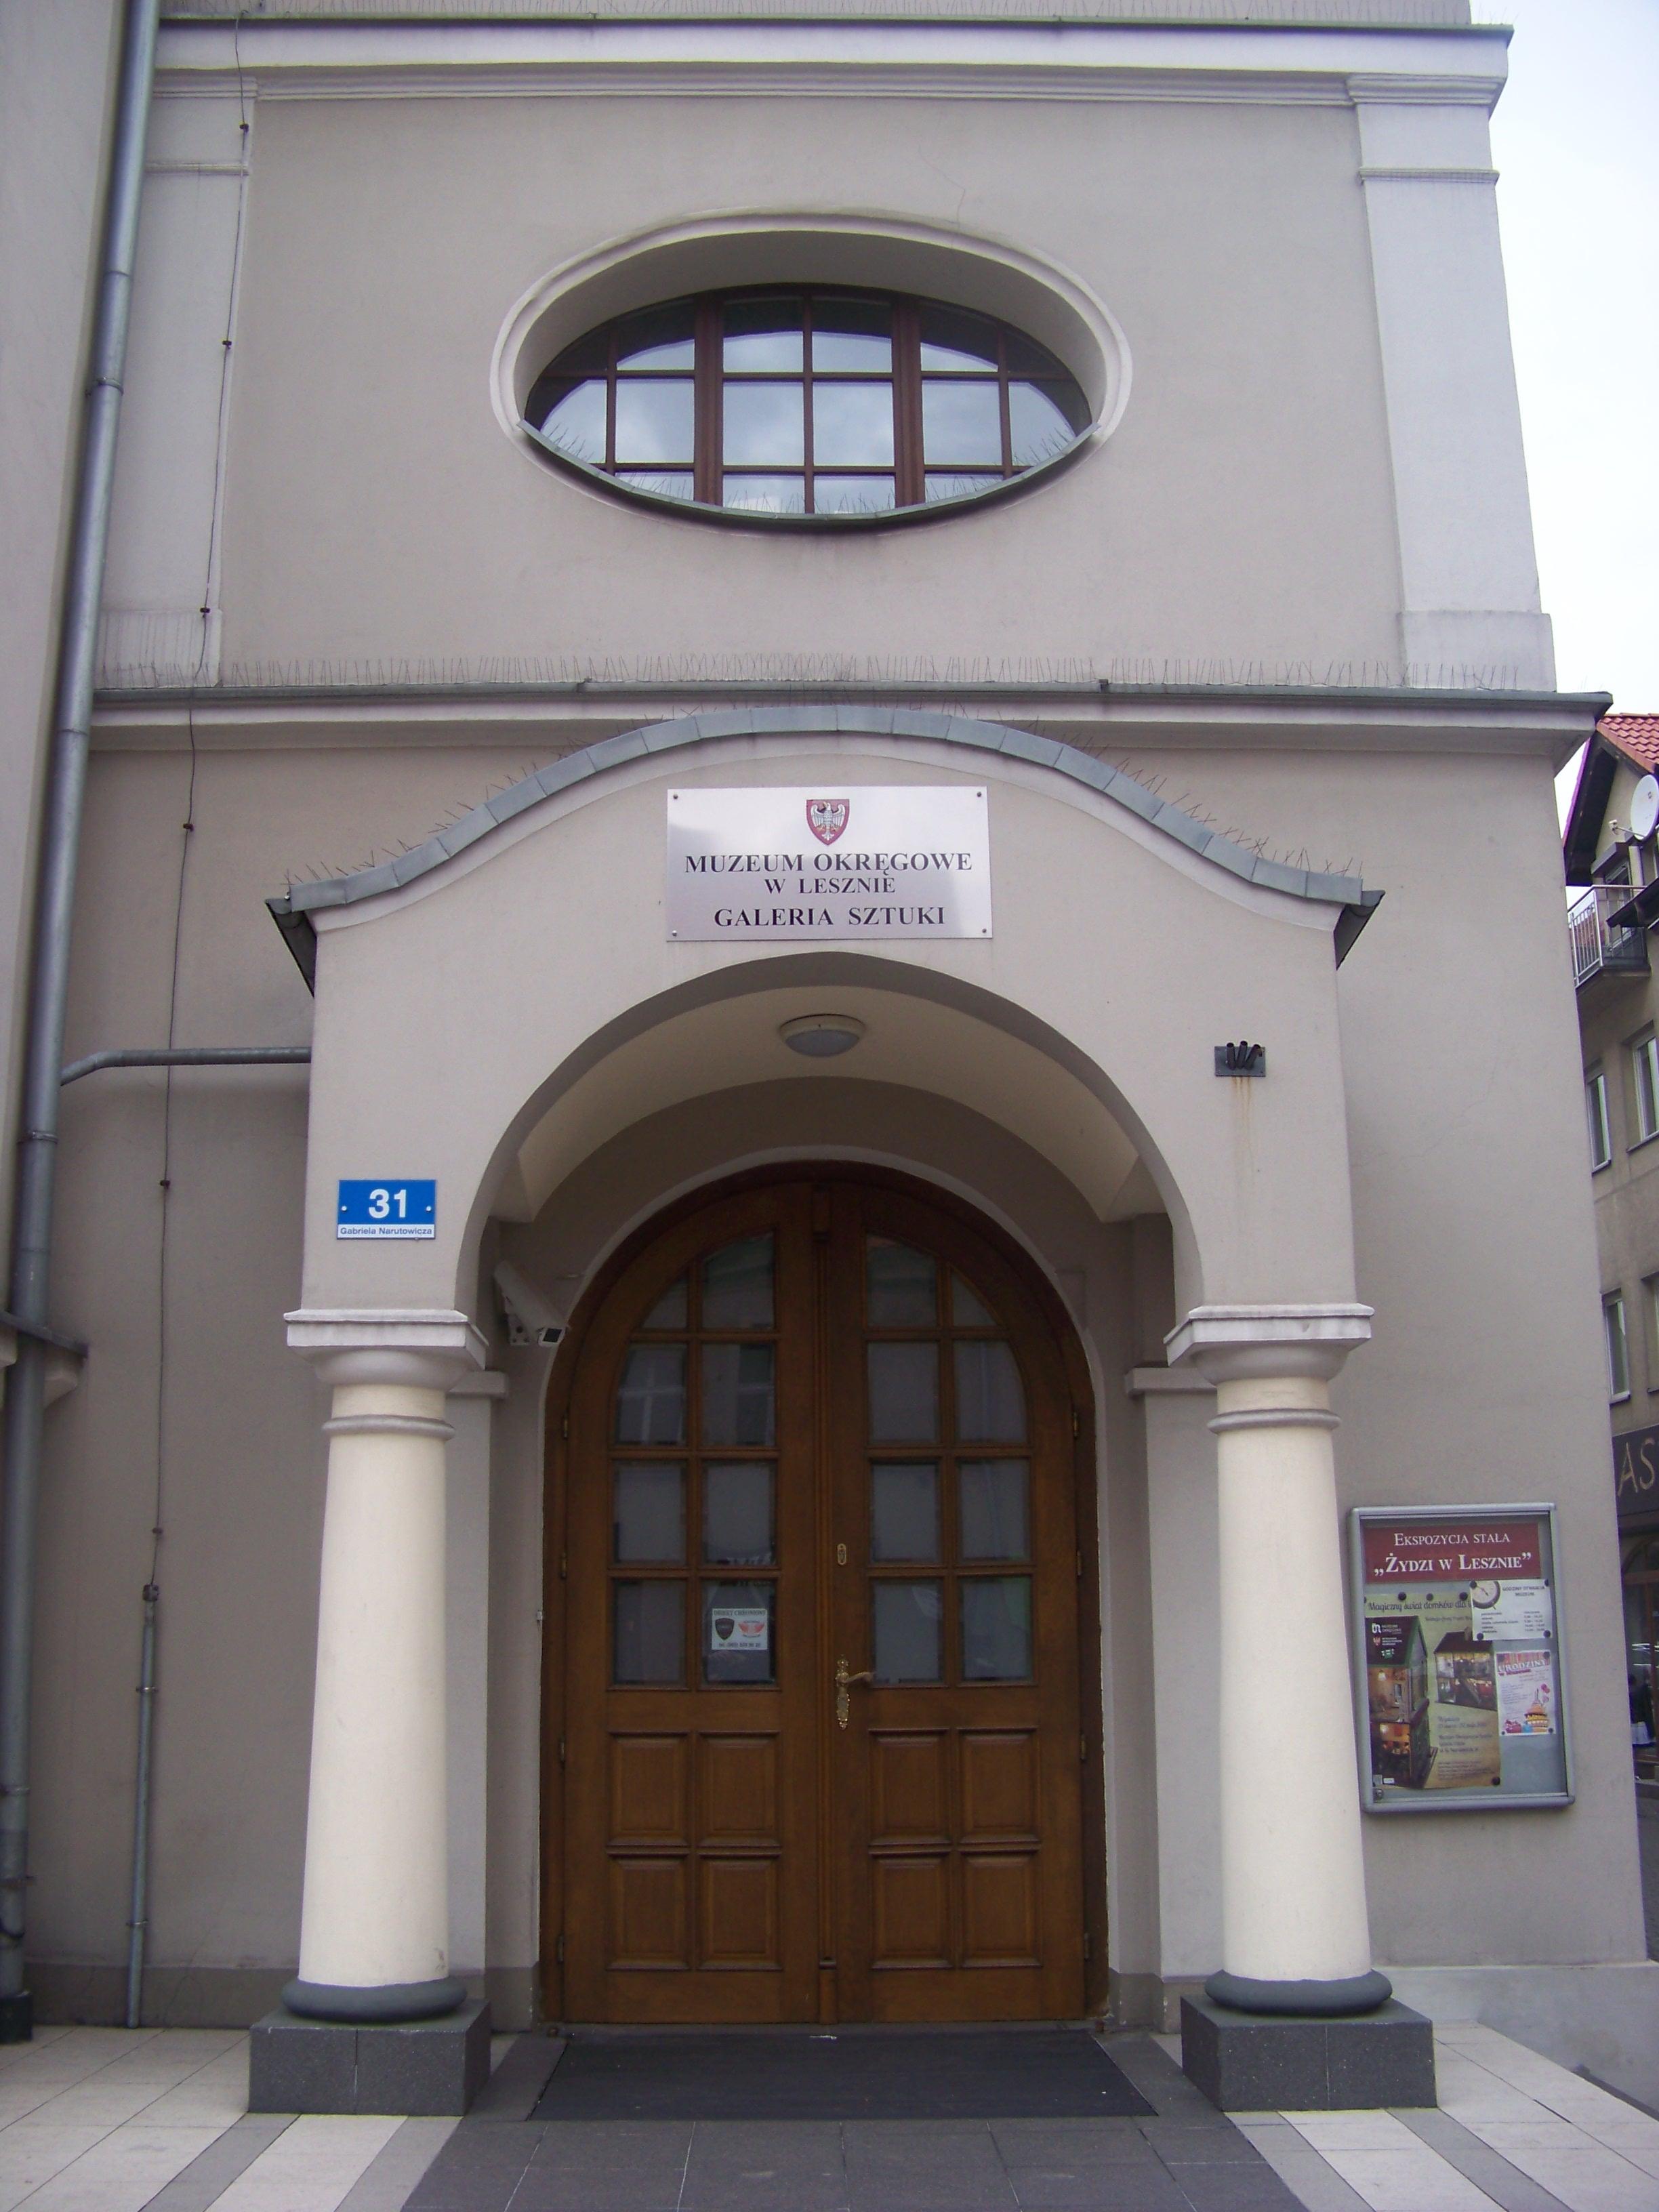 Muzeum Okręgowe w Lesznie, Galeria Sztuki przy ul. G. narutowicza 31